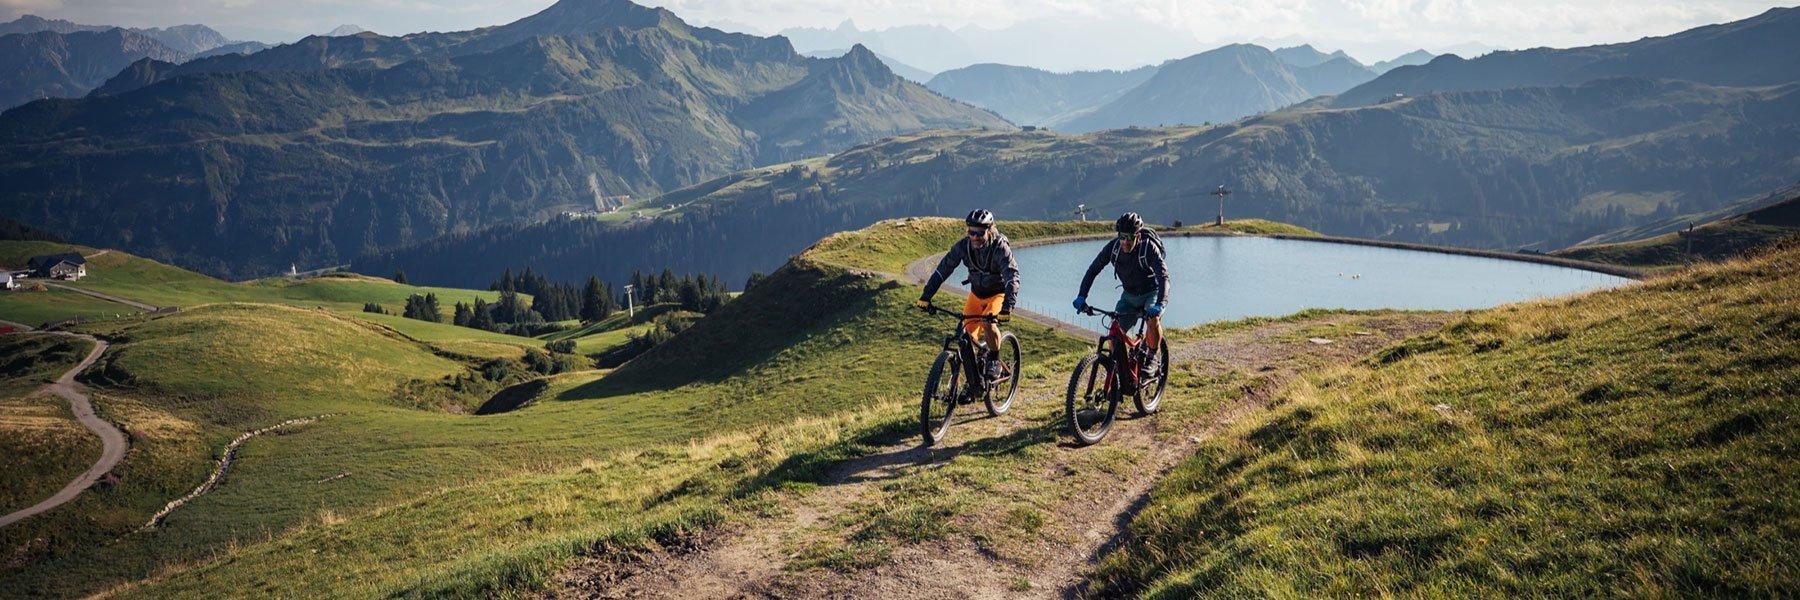 Mountainbiken in Damüls